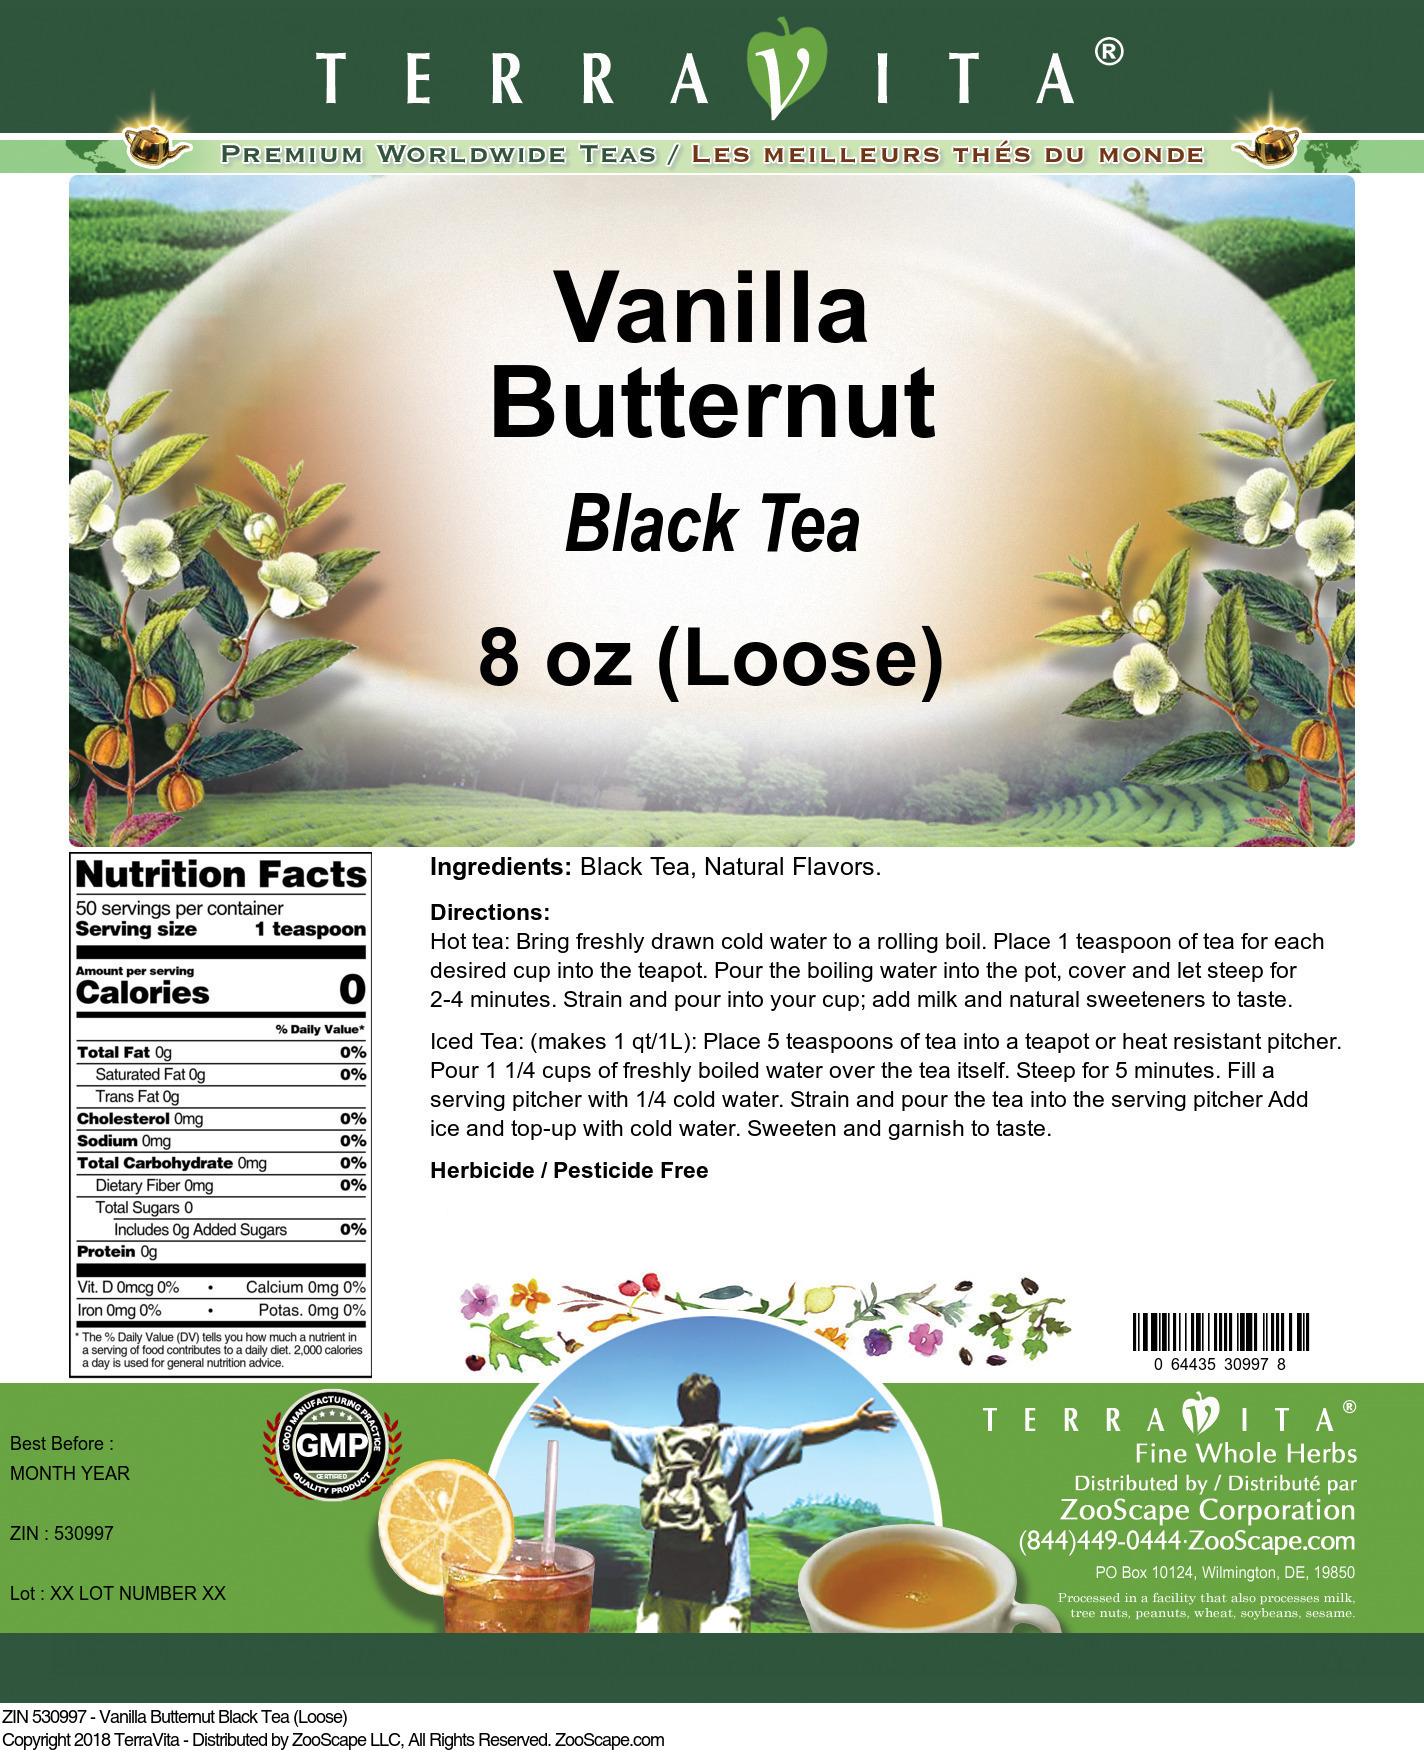 Vanilla Butternut Black Tea